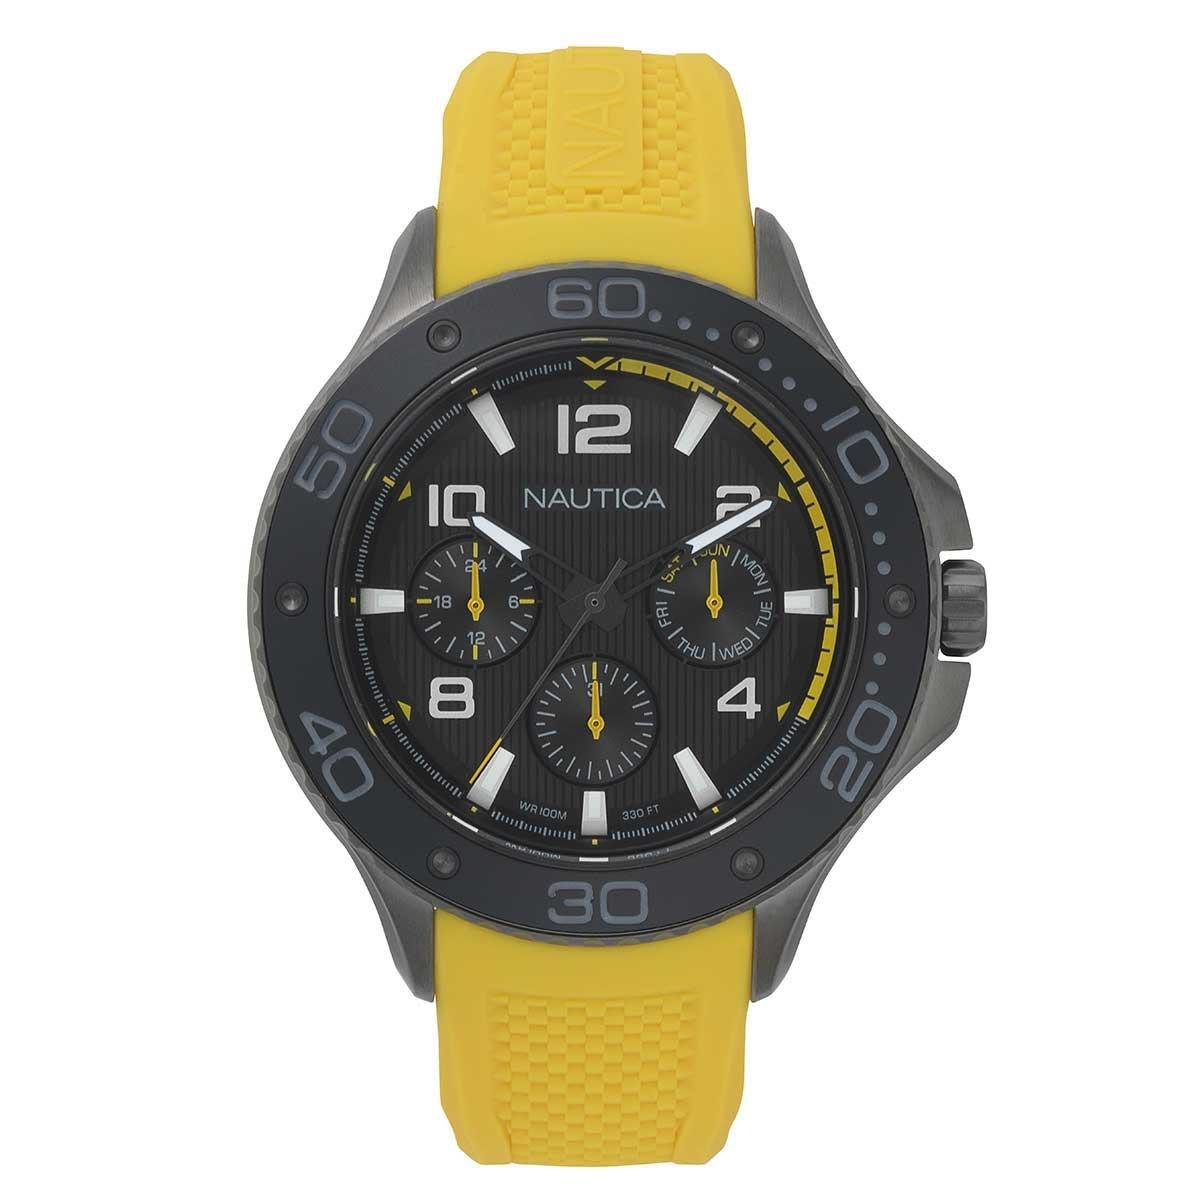 ad553d665fea Reloj Caballero Nautica NAPP25003